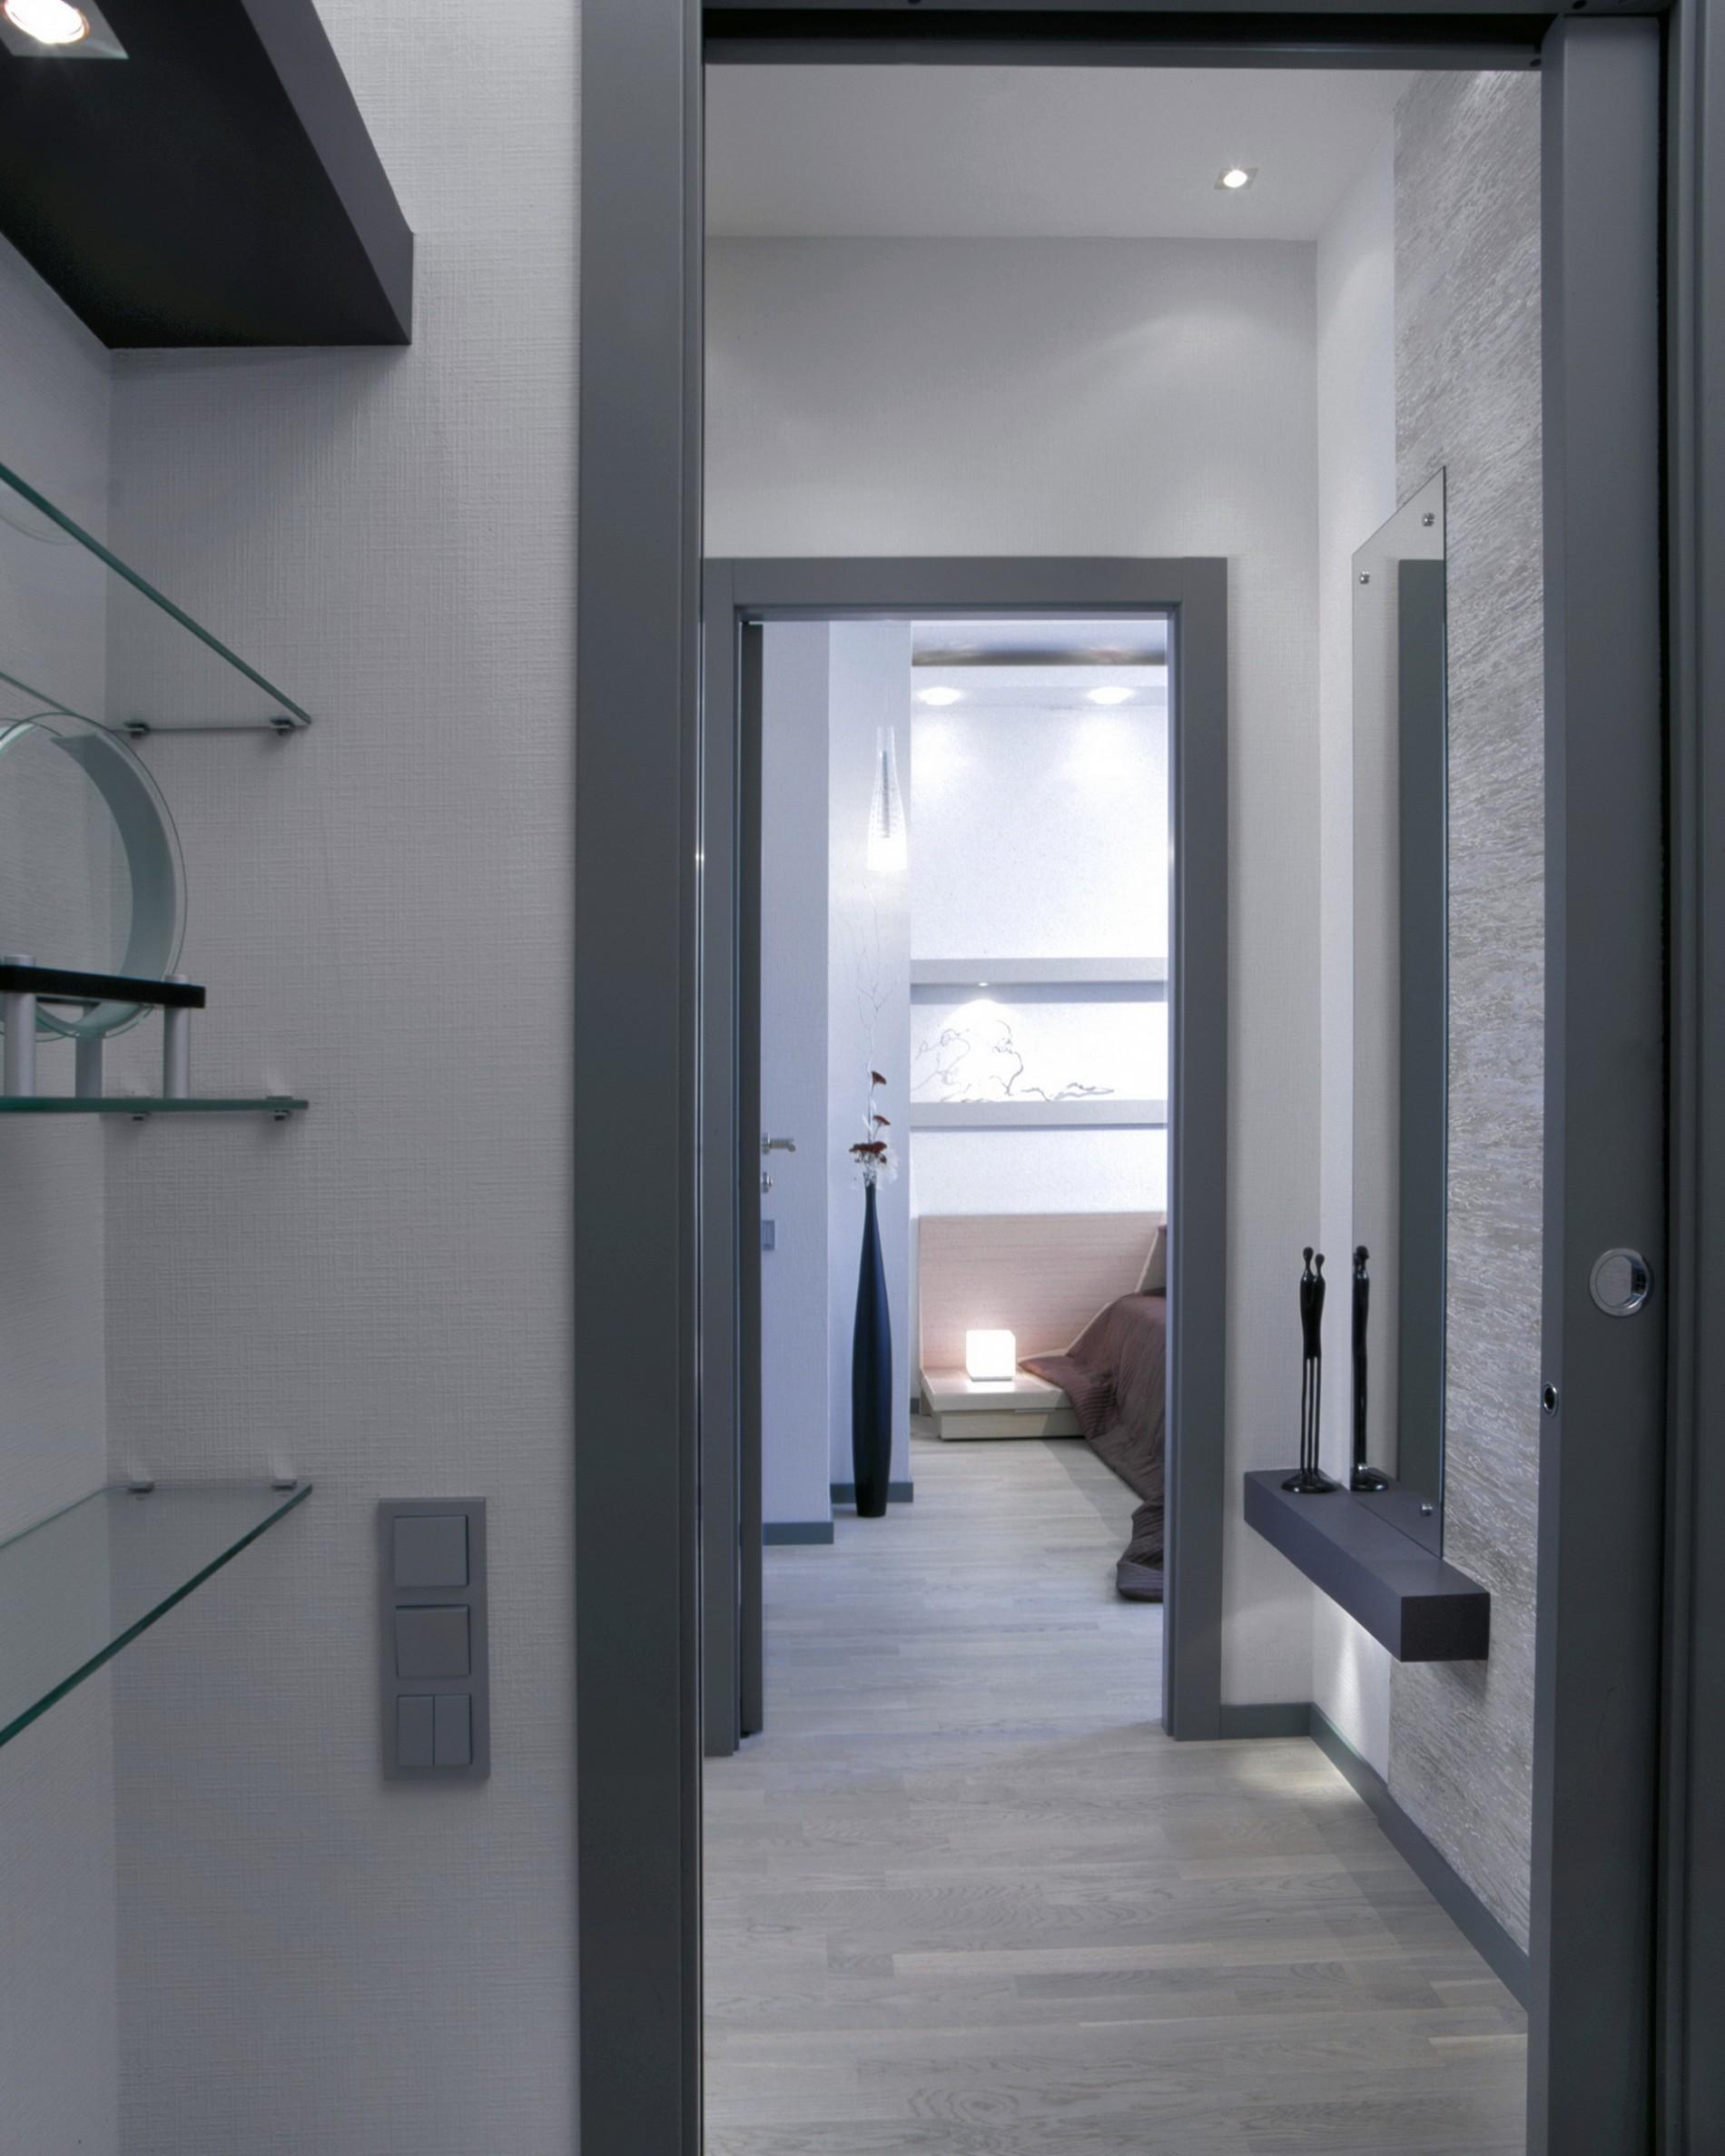 interier_kvartira-v-center-moskvy-interer-v-stile-minimalizm_2x8o_big